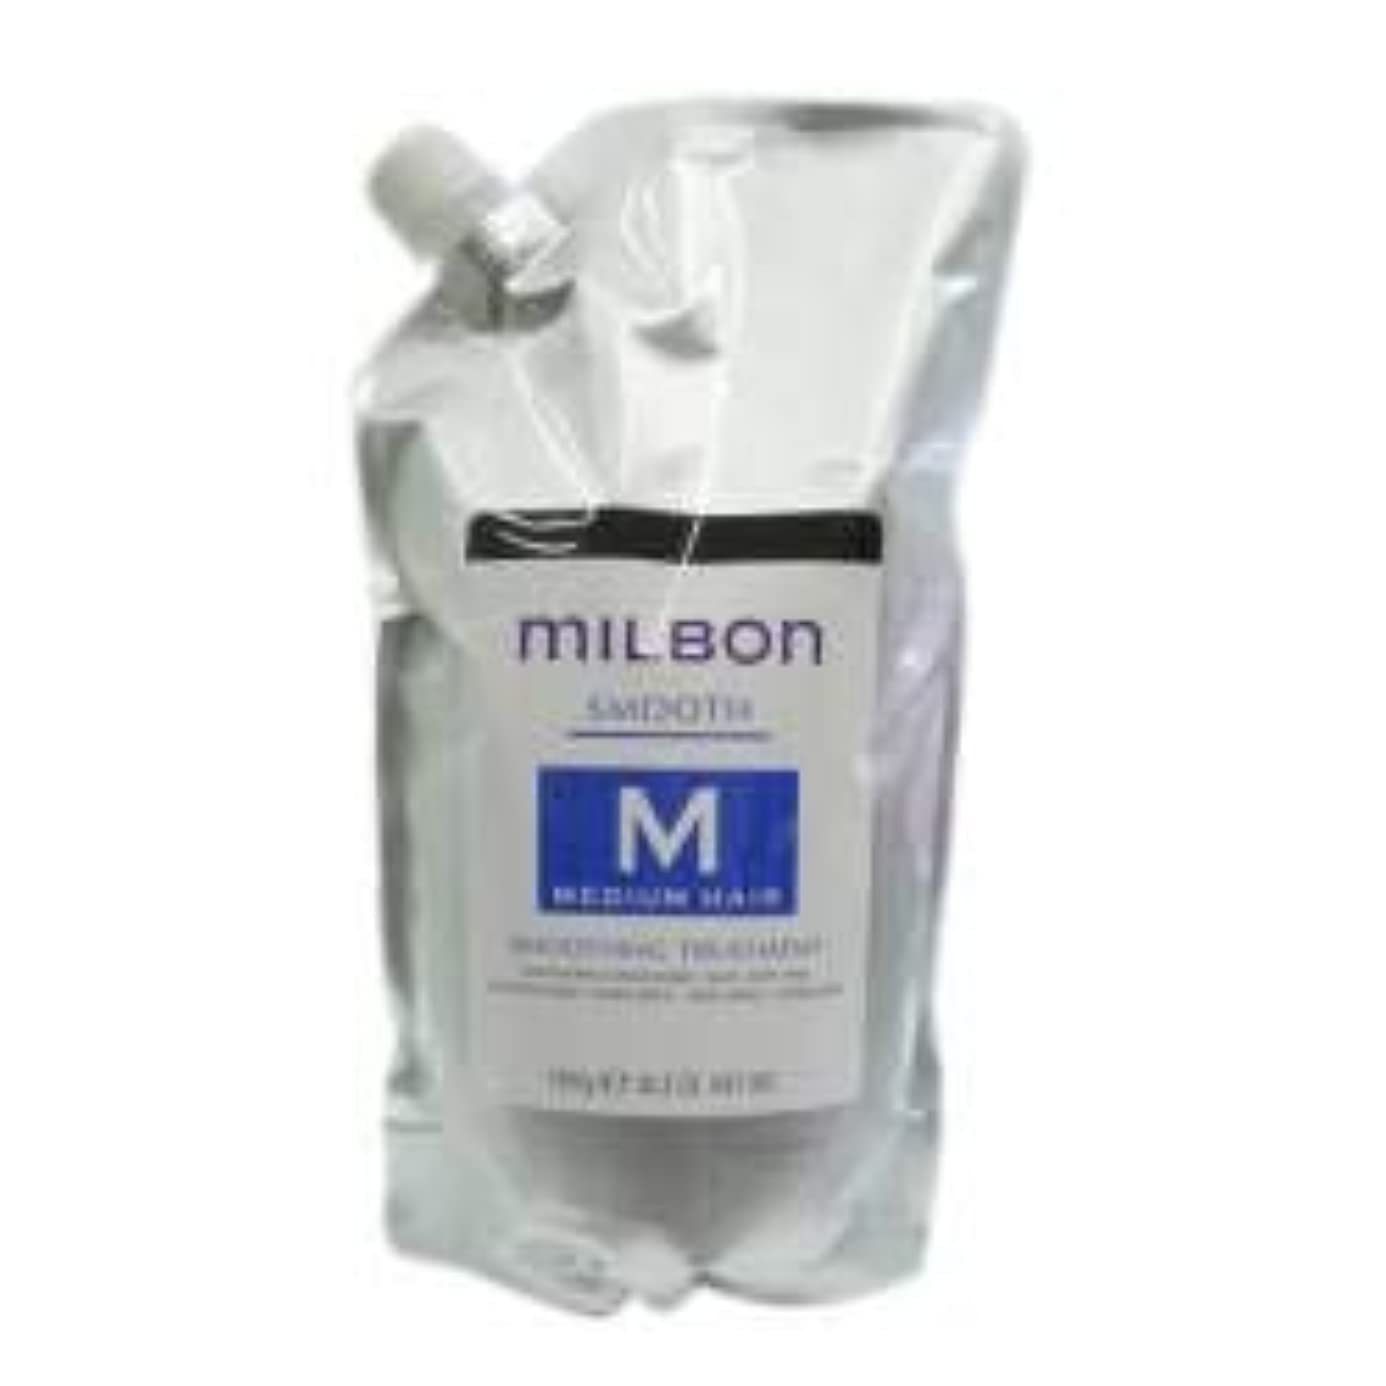 スラッシュ空気評価ミルボン スムージング トリートメント<つめかえ用> ミディアムヘア(1000g)